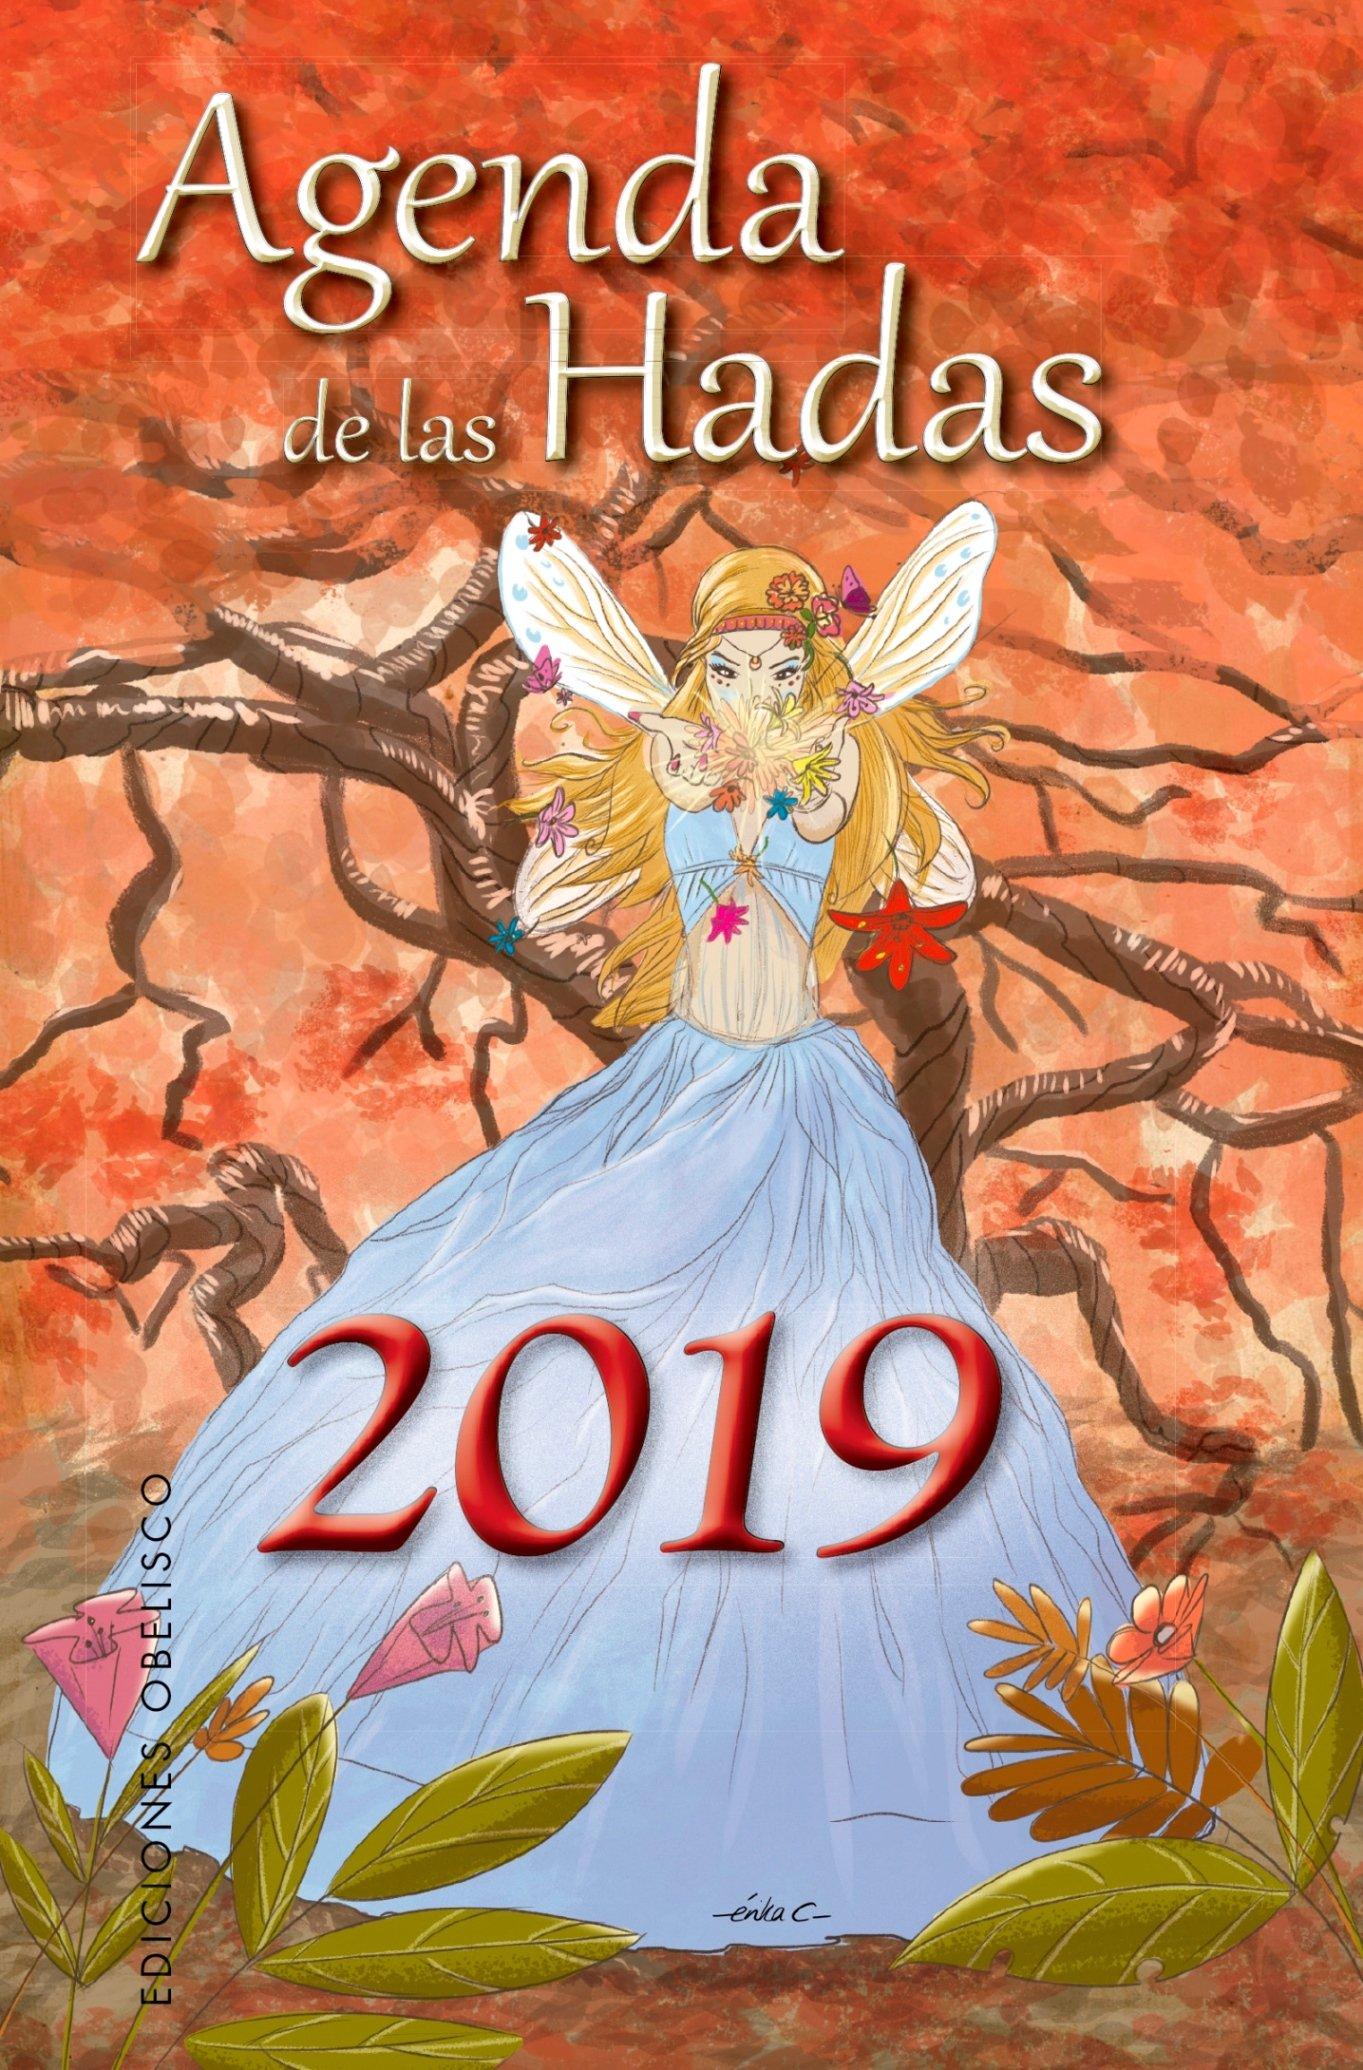 Agenda de las Hadas 2019 (AGENDAS) Tapa blanda – Agenda, 3 sep 2018 Varios autores EDICIONES OBELISCO S.L. 8491113487 NON-CLASSIFIABLE